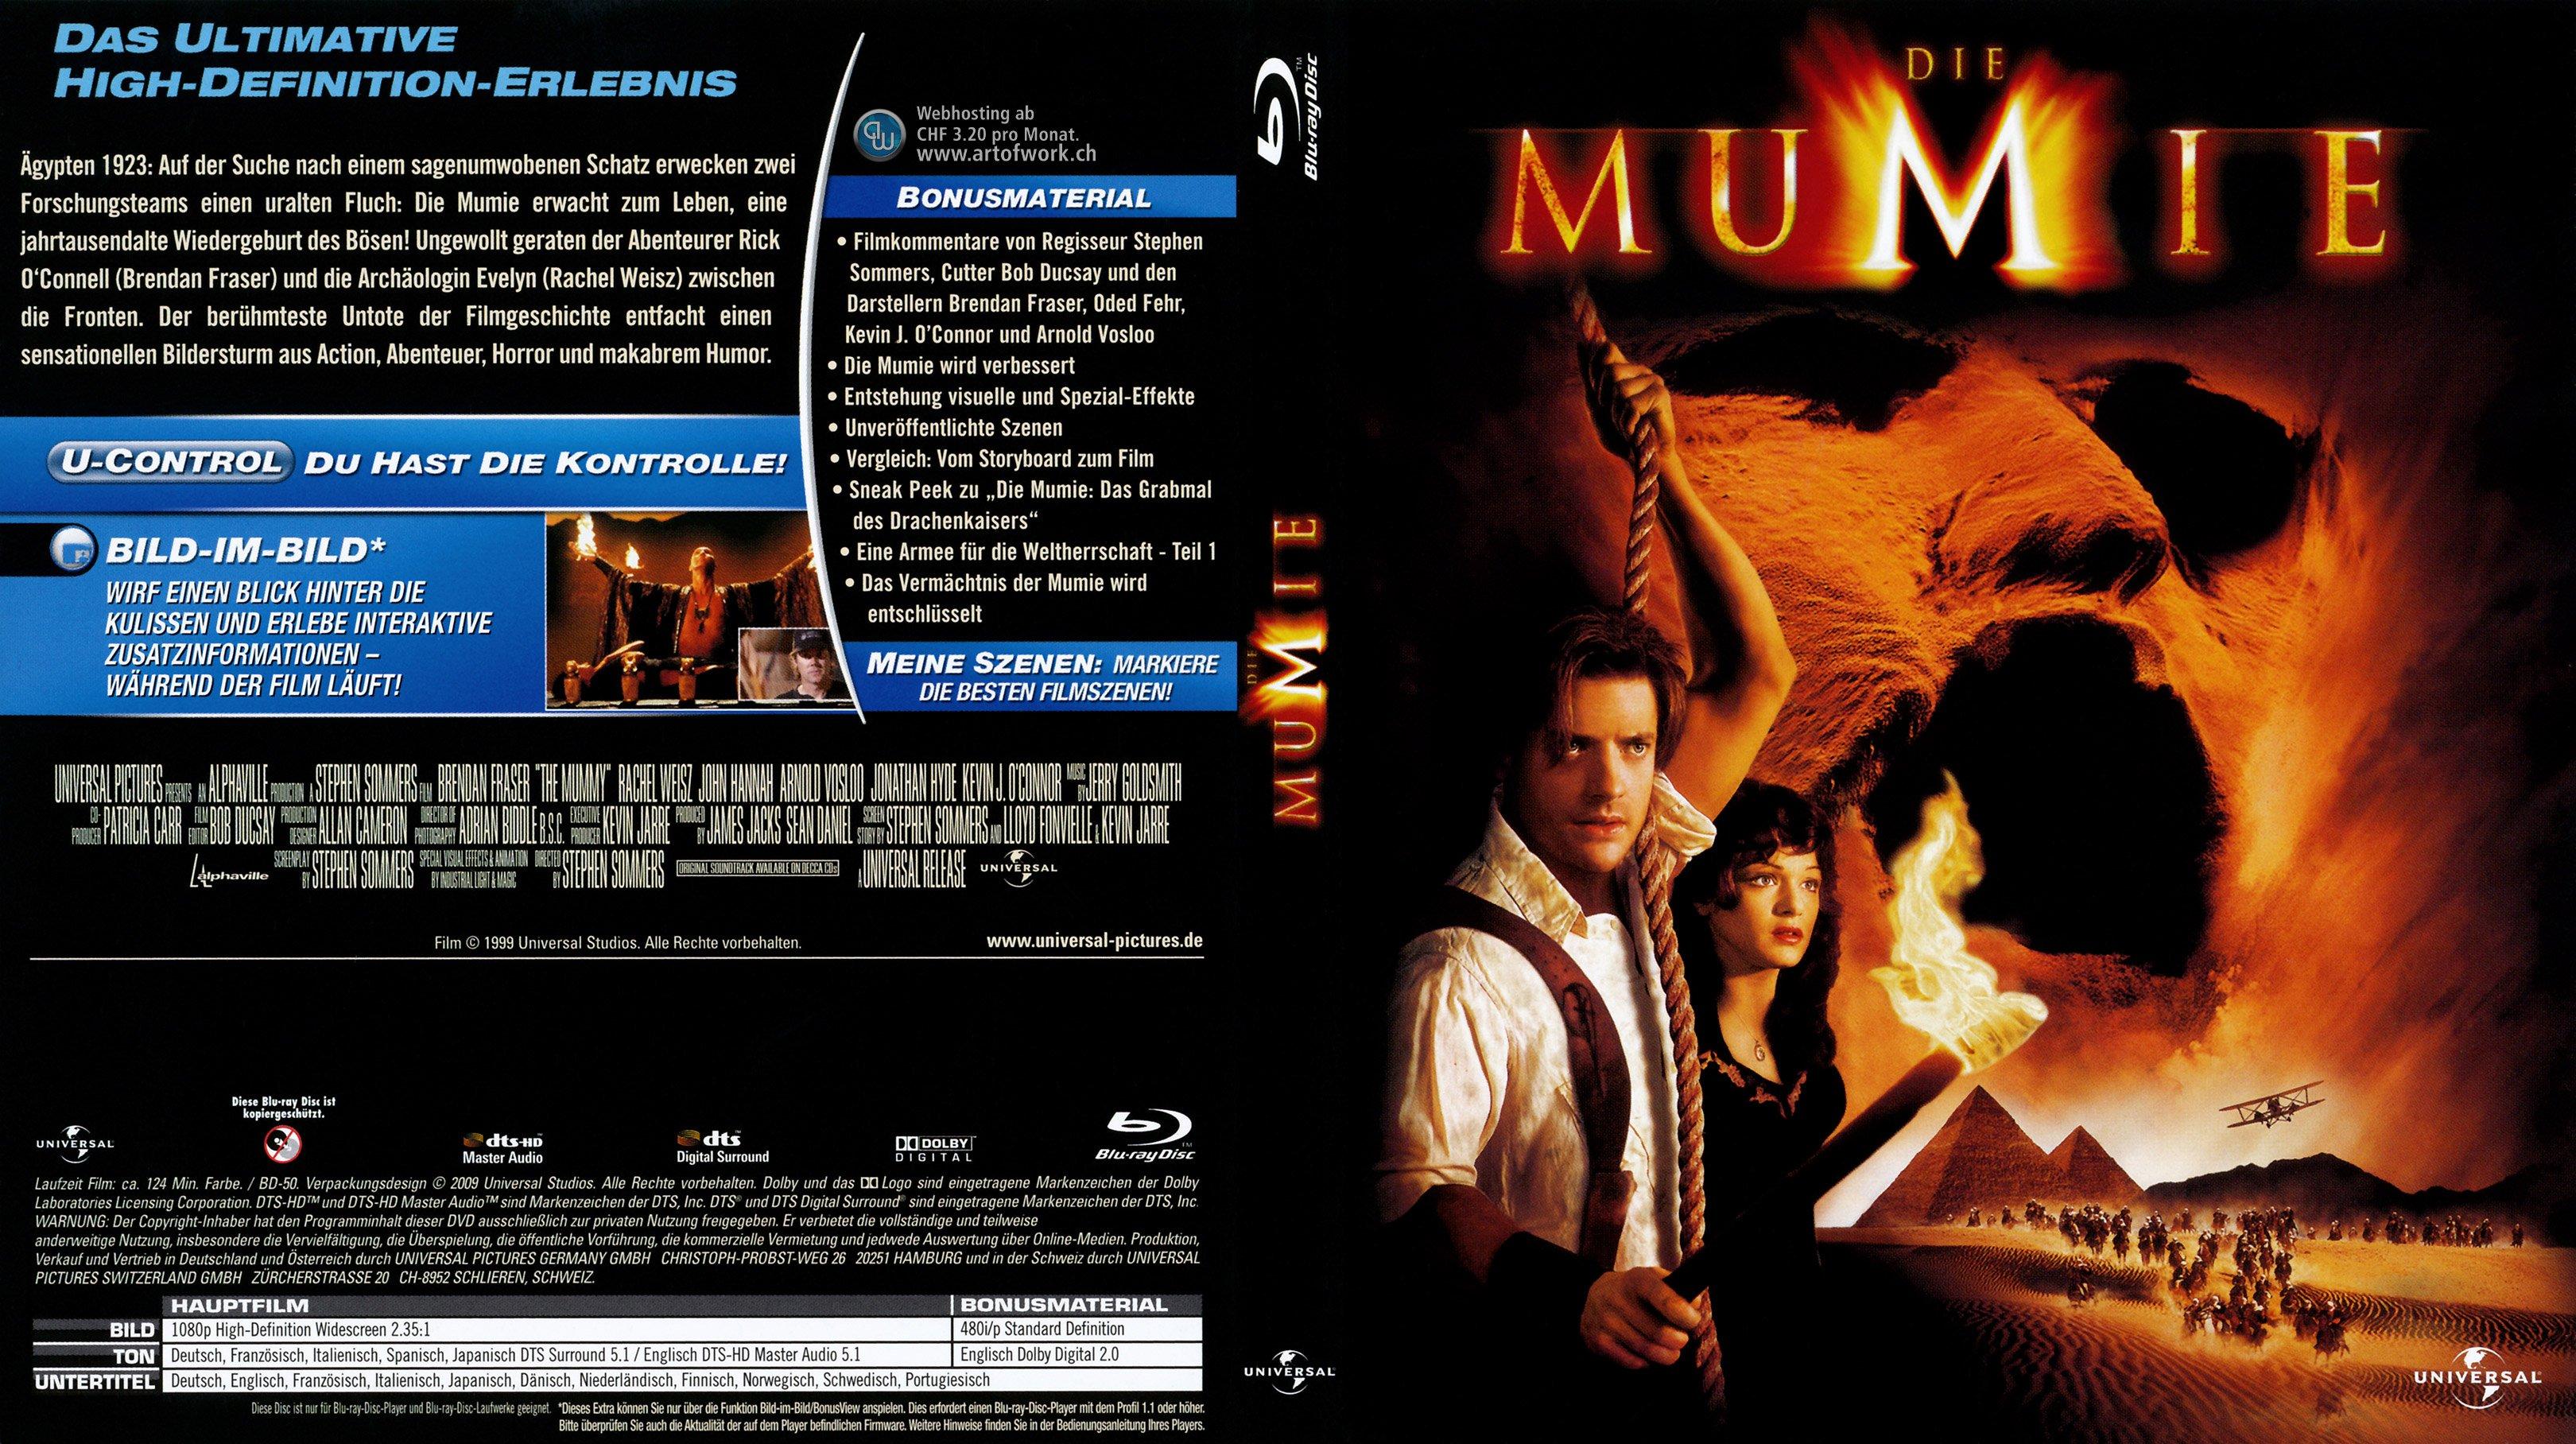 Die Mumie 1 german blu ray cover | German DVD Covers